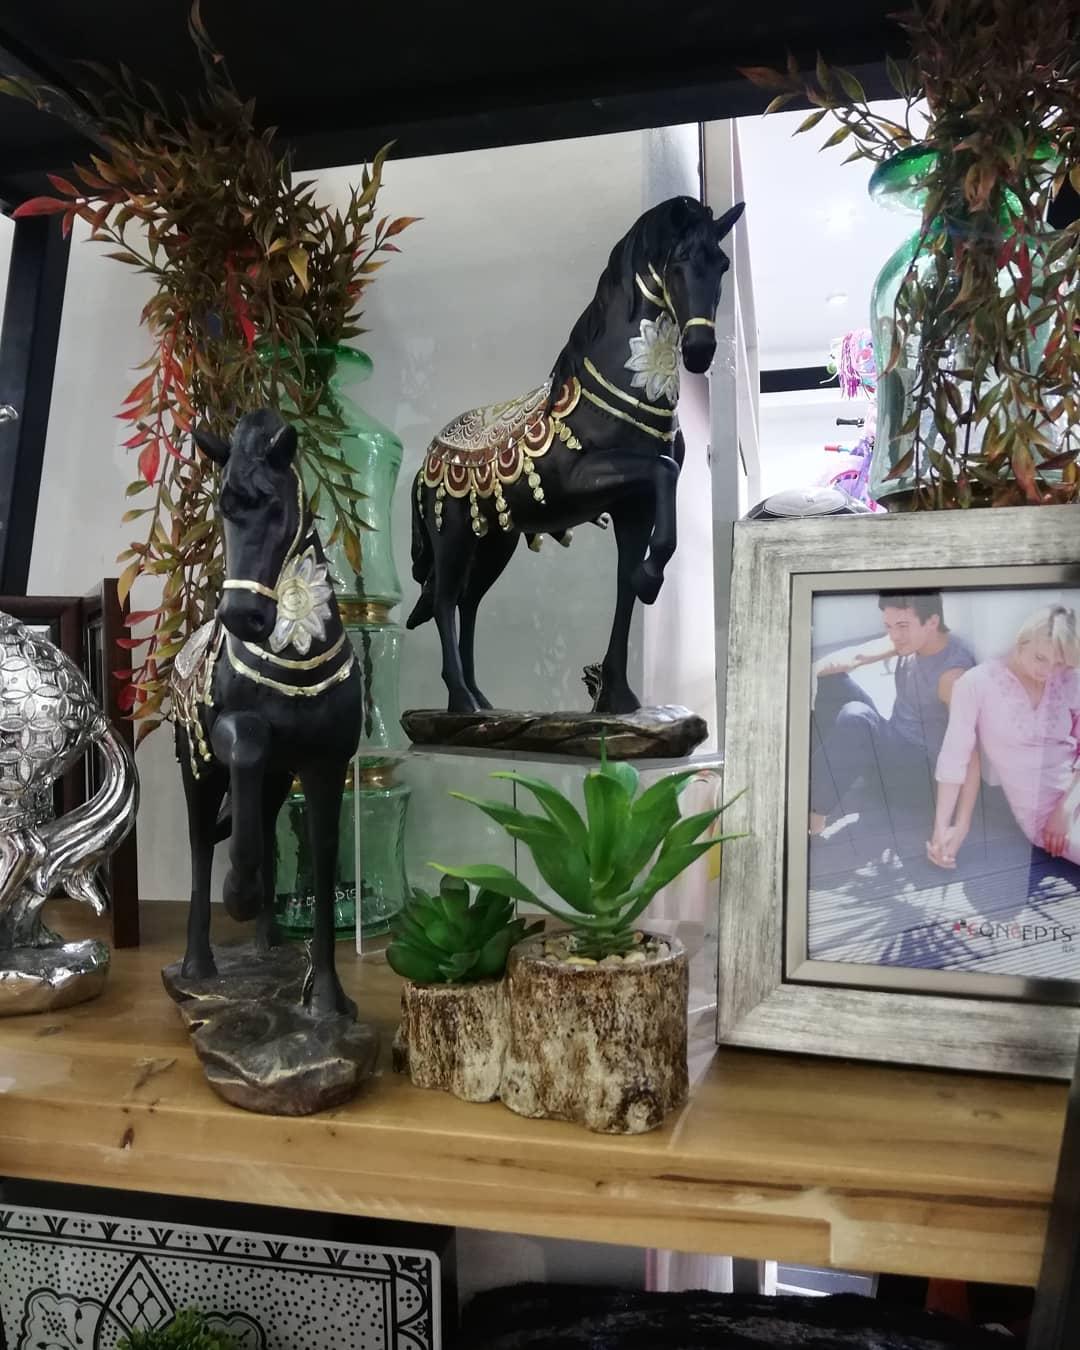 Exposição !! # decoração interior # detalhes # flores # pty # cavalos # pty # ciudaddepa ...